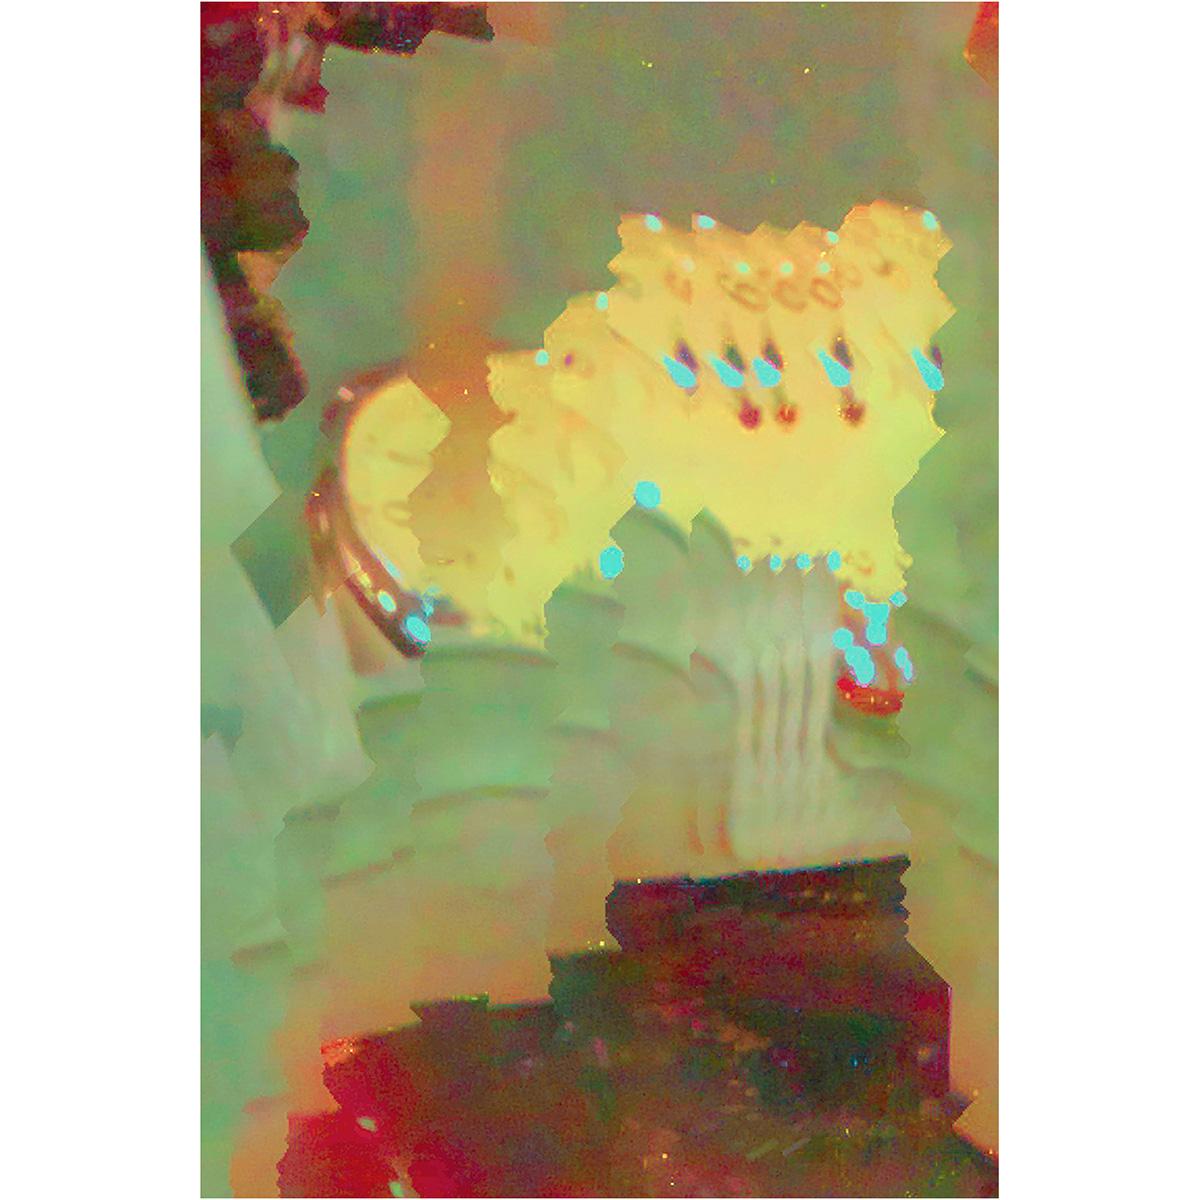 Elias Wessel: Images Through an Algorithmic Lens – Zur Visualisierung der Wirklichkeit, IMG-5048, 2018 – 2019, Farbfotografie, Pigmentdruck auf Hahnemühle Papier, Kleinformat gerahmt: 33,2 x 25,8 cm